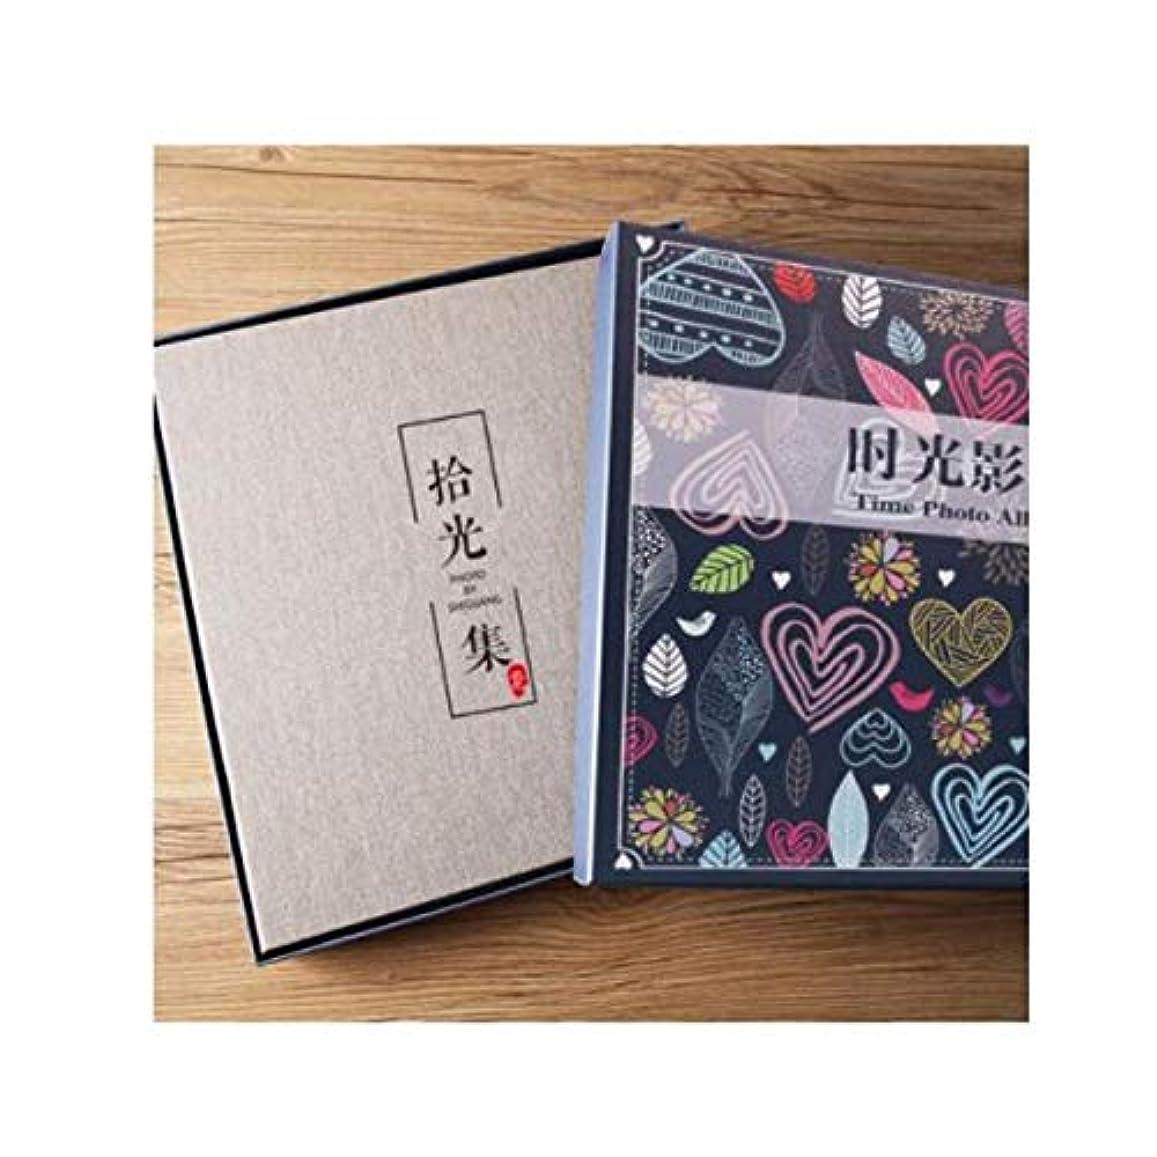 政治的エキゾチックウィンクHKXR フォトアルバム自己接着剤18インチ、手作りホームアルバム、 (Color : B, Size : 33*32cm)